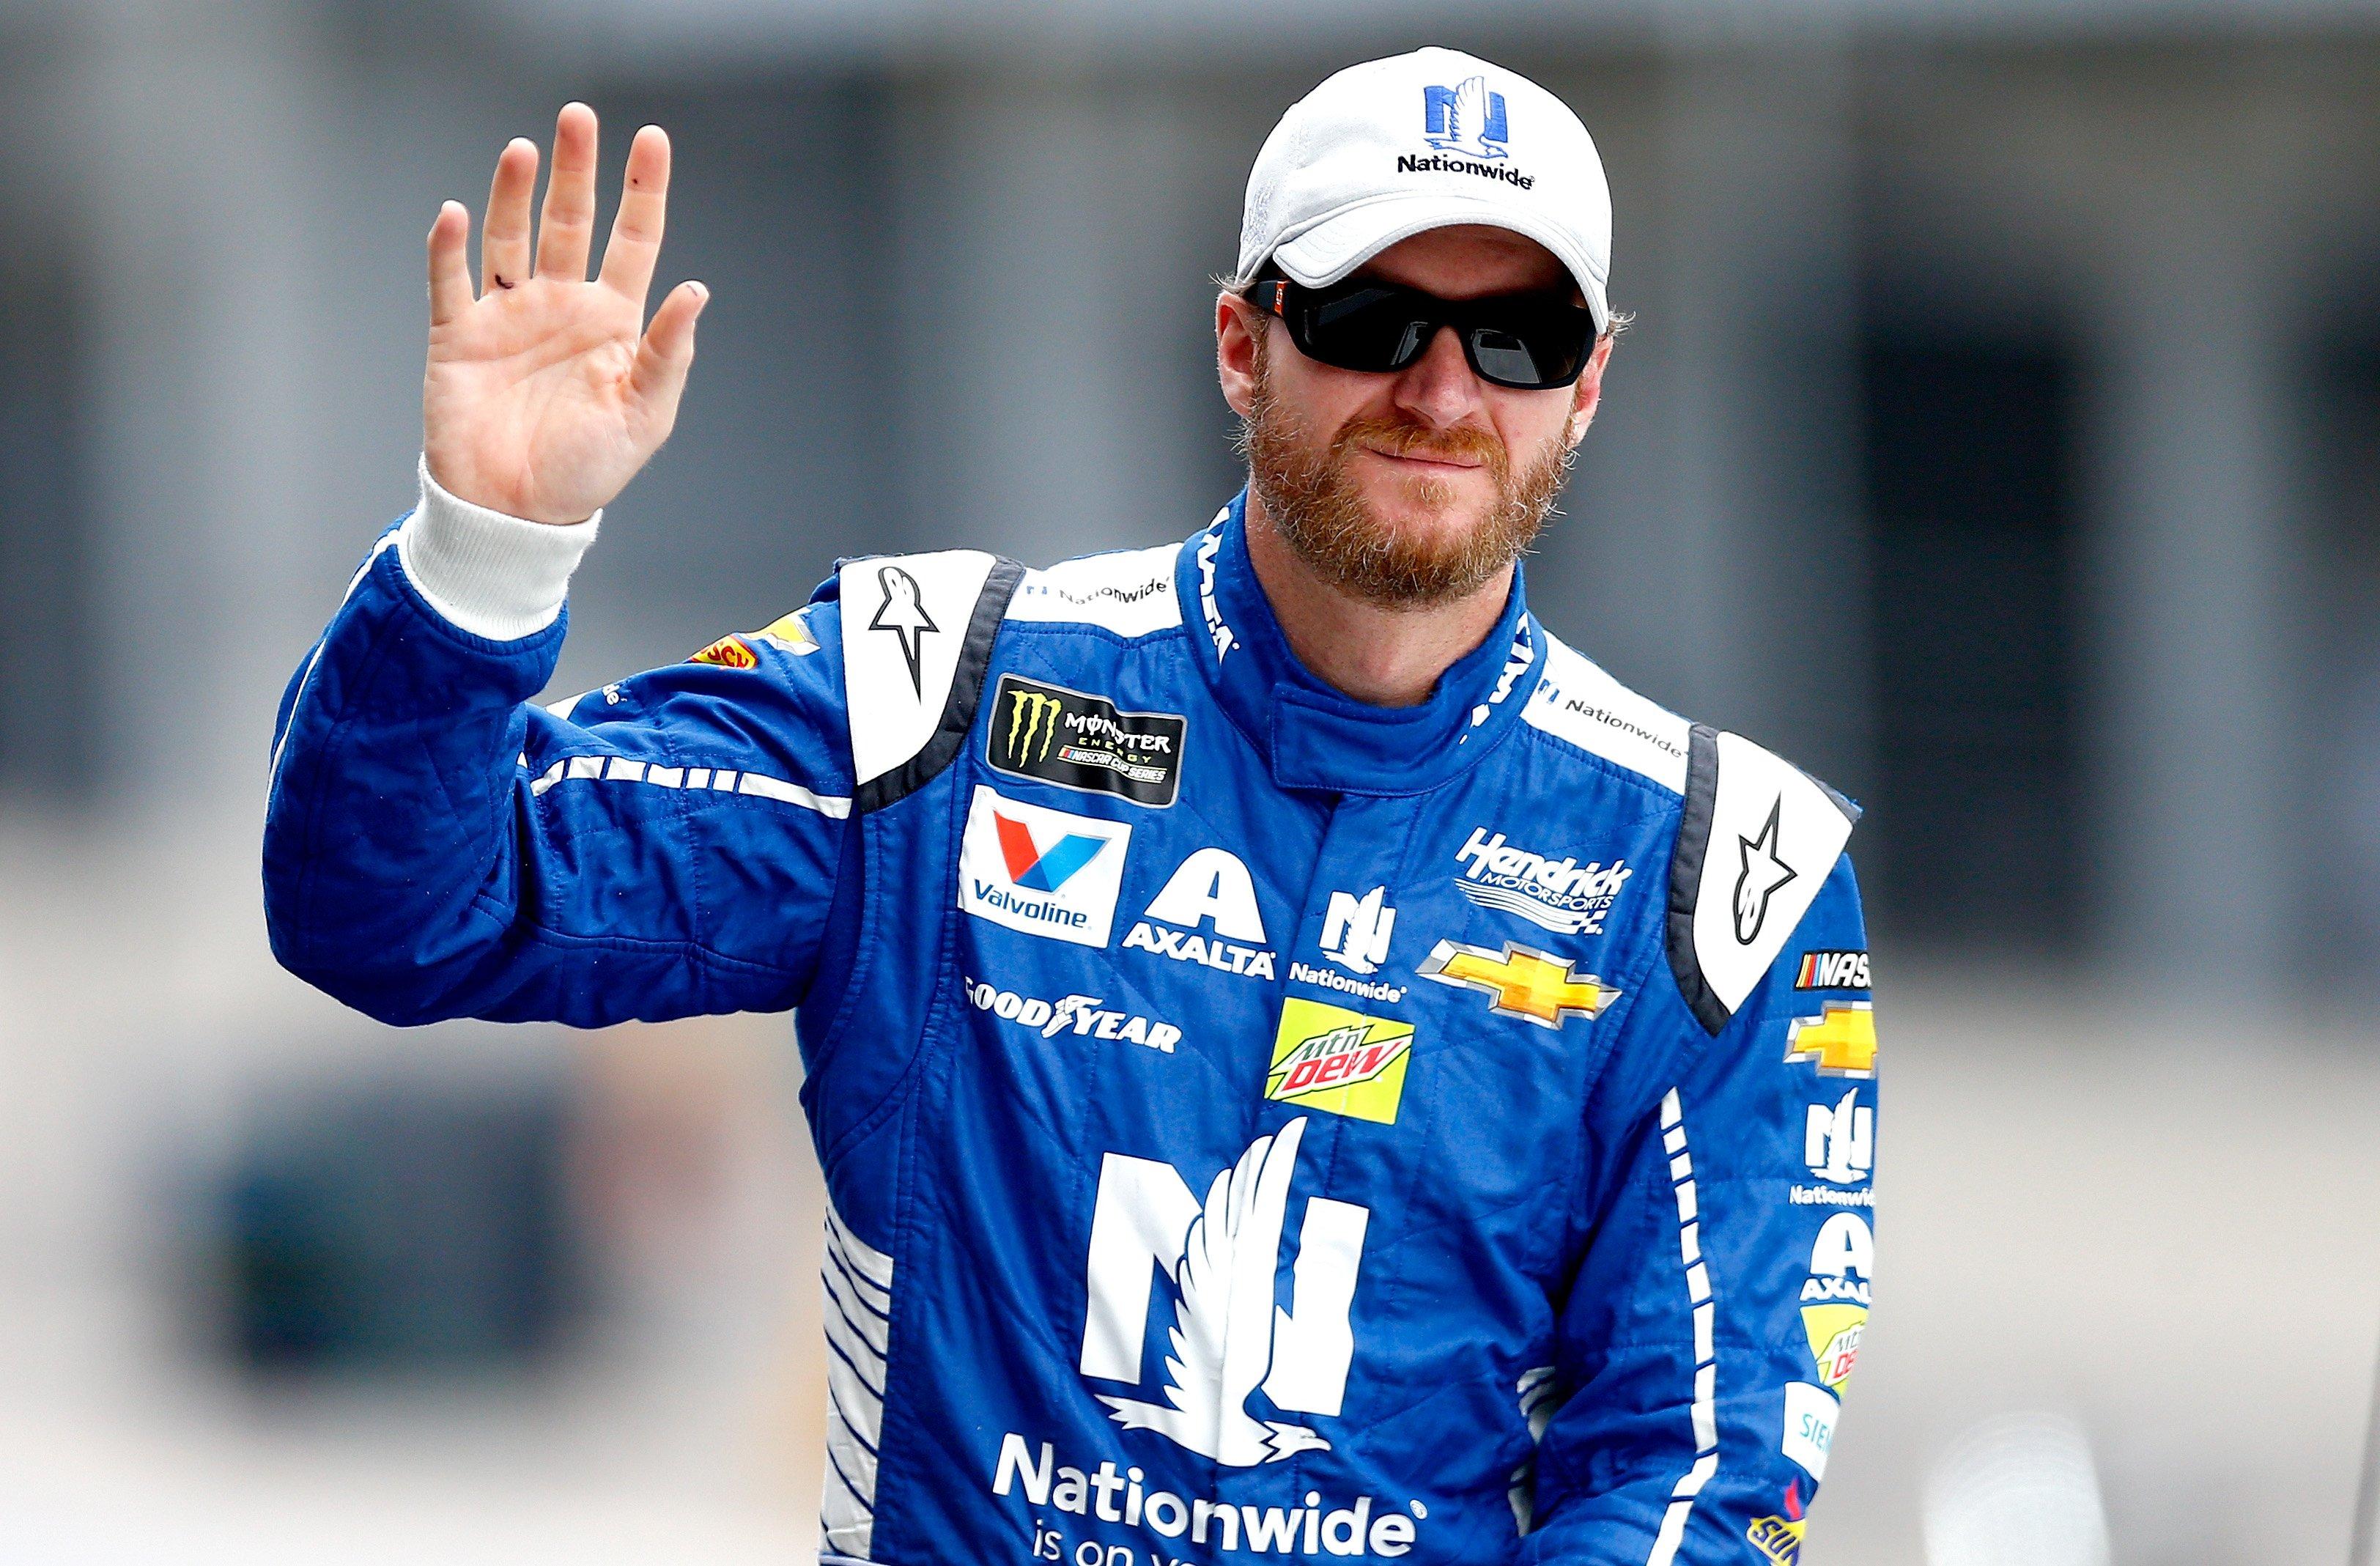 Dale Earnhardt Jr waving